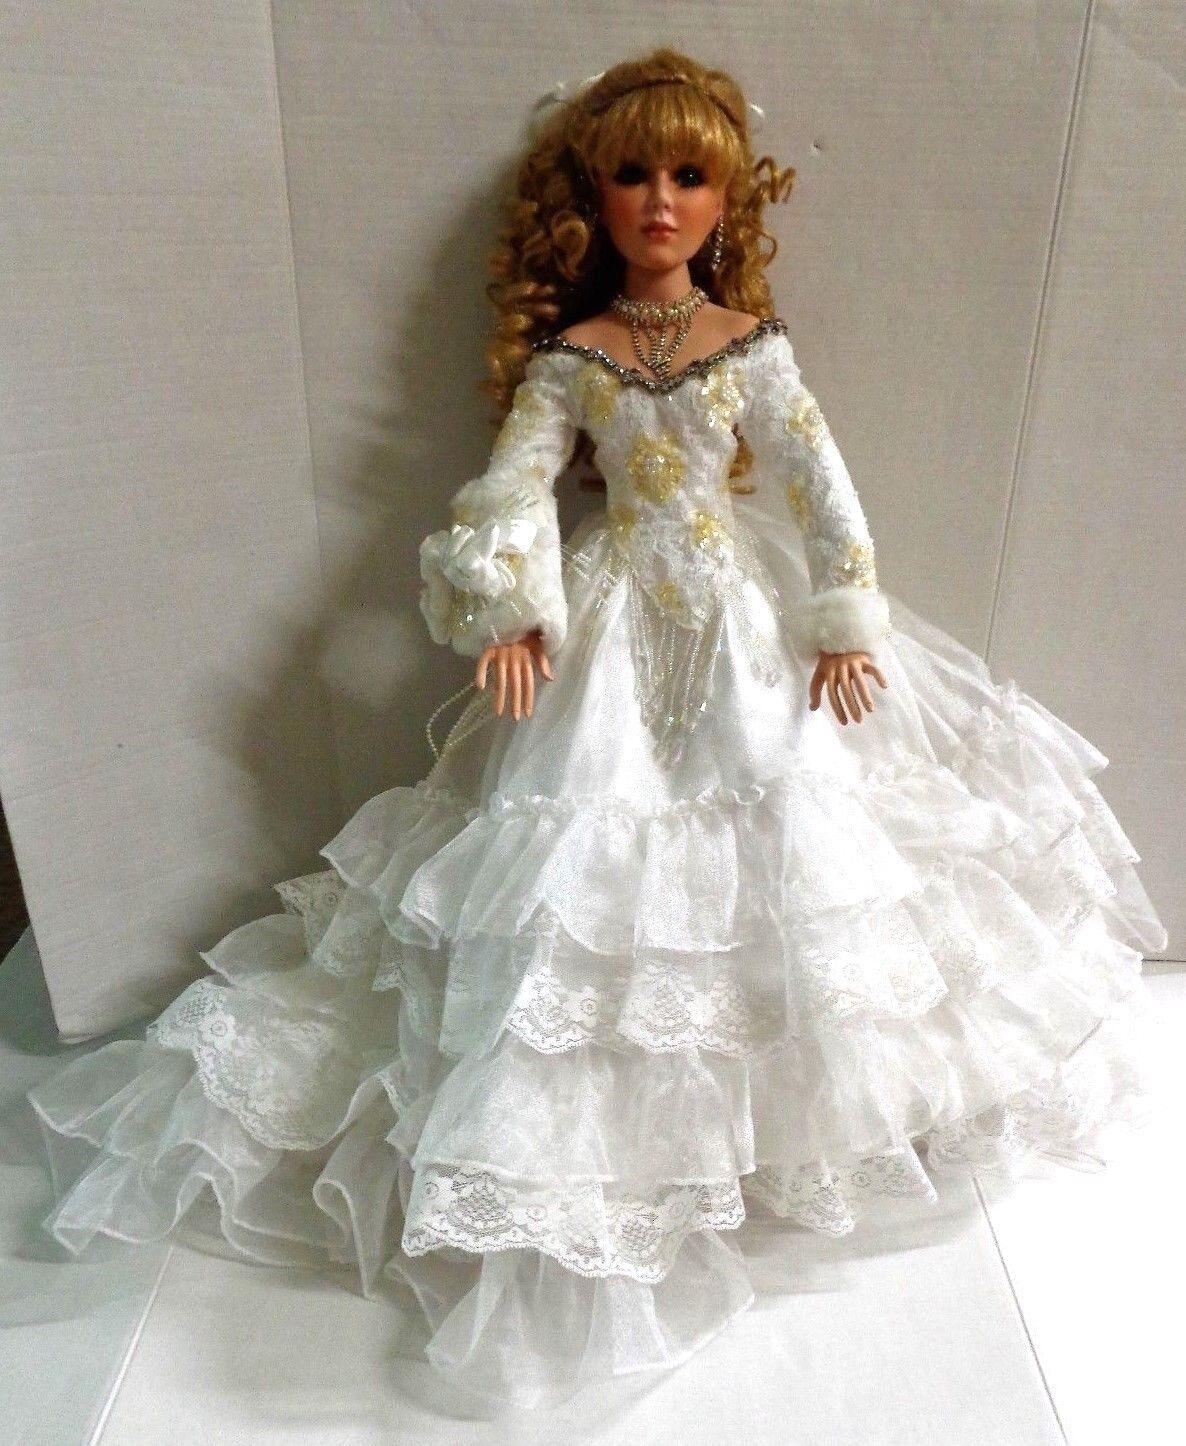 Rustie Winter Bliss Porcelain Bride bambola 26  2003  MBI  100% nuovo di zecca con qualità originale